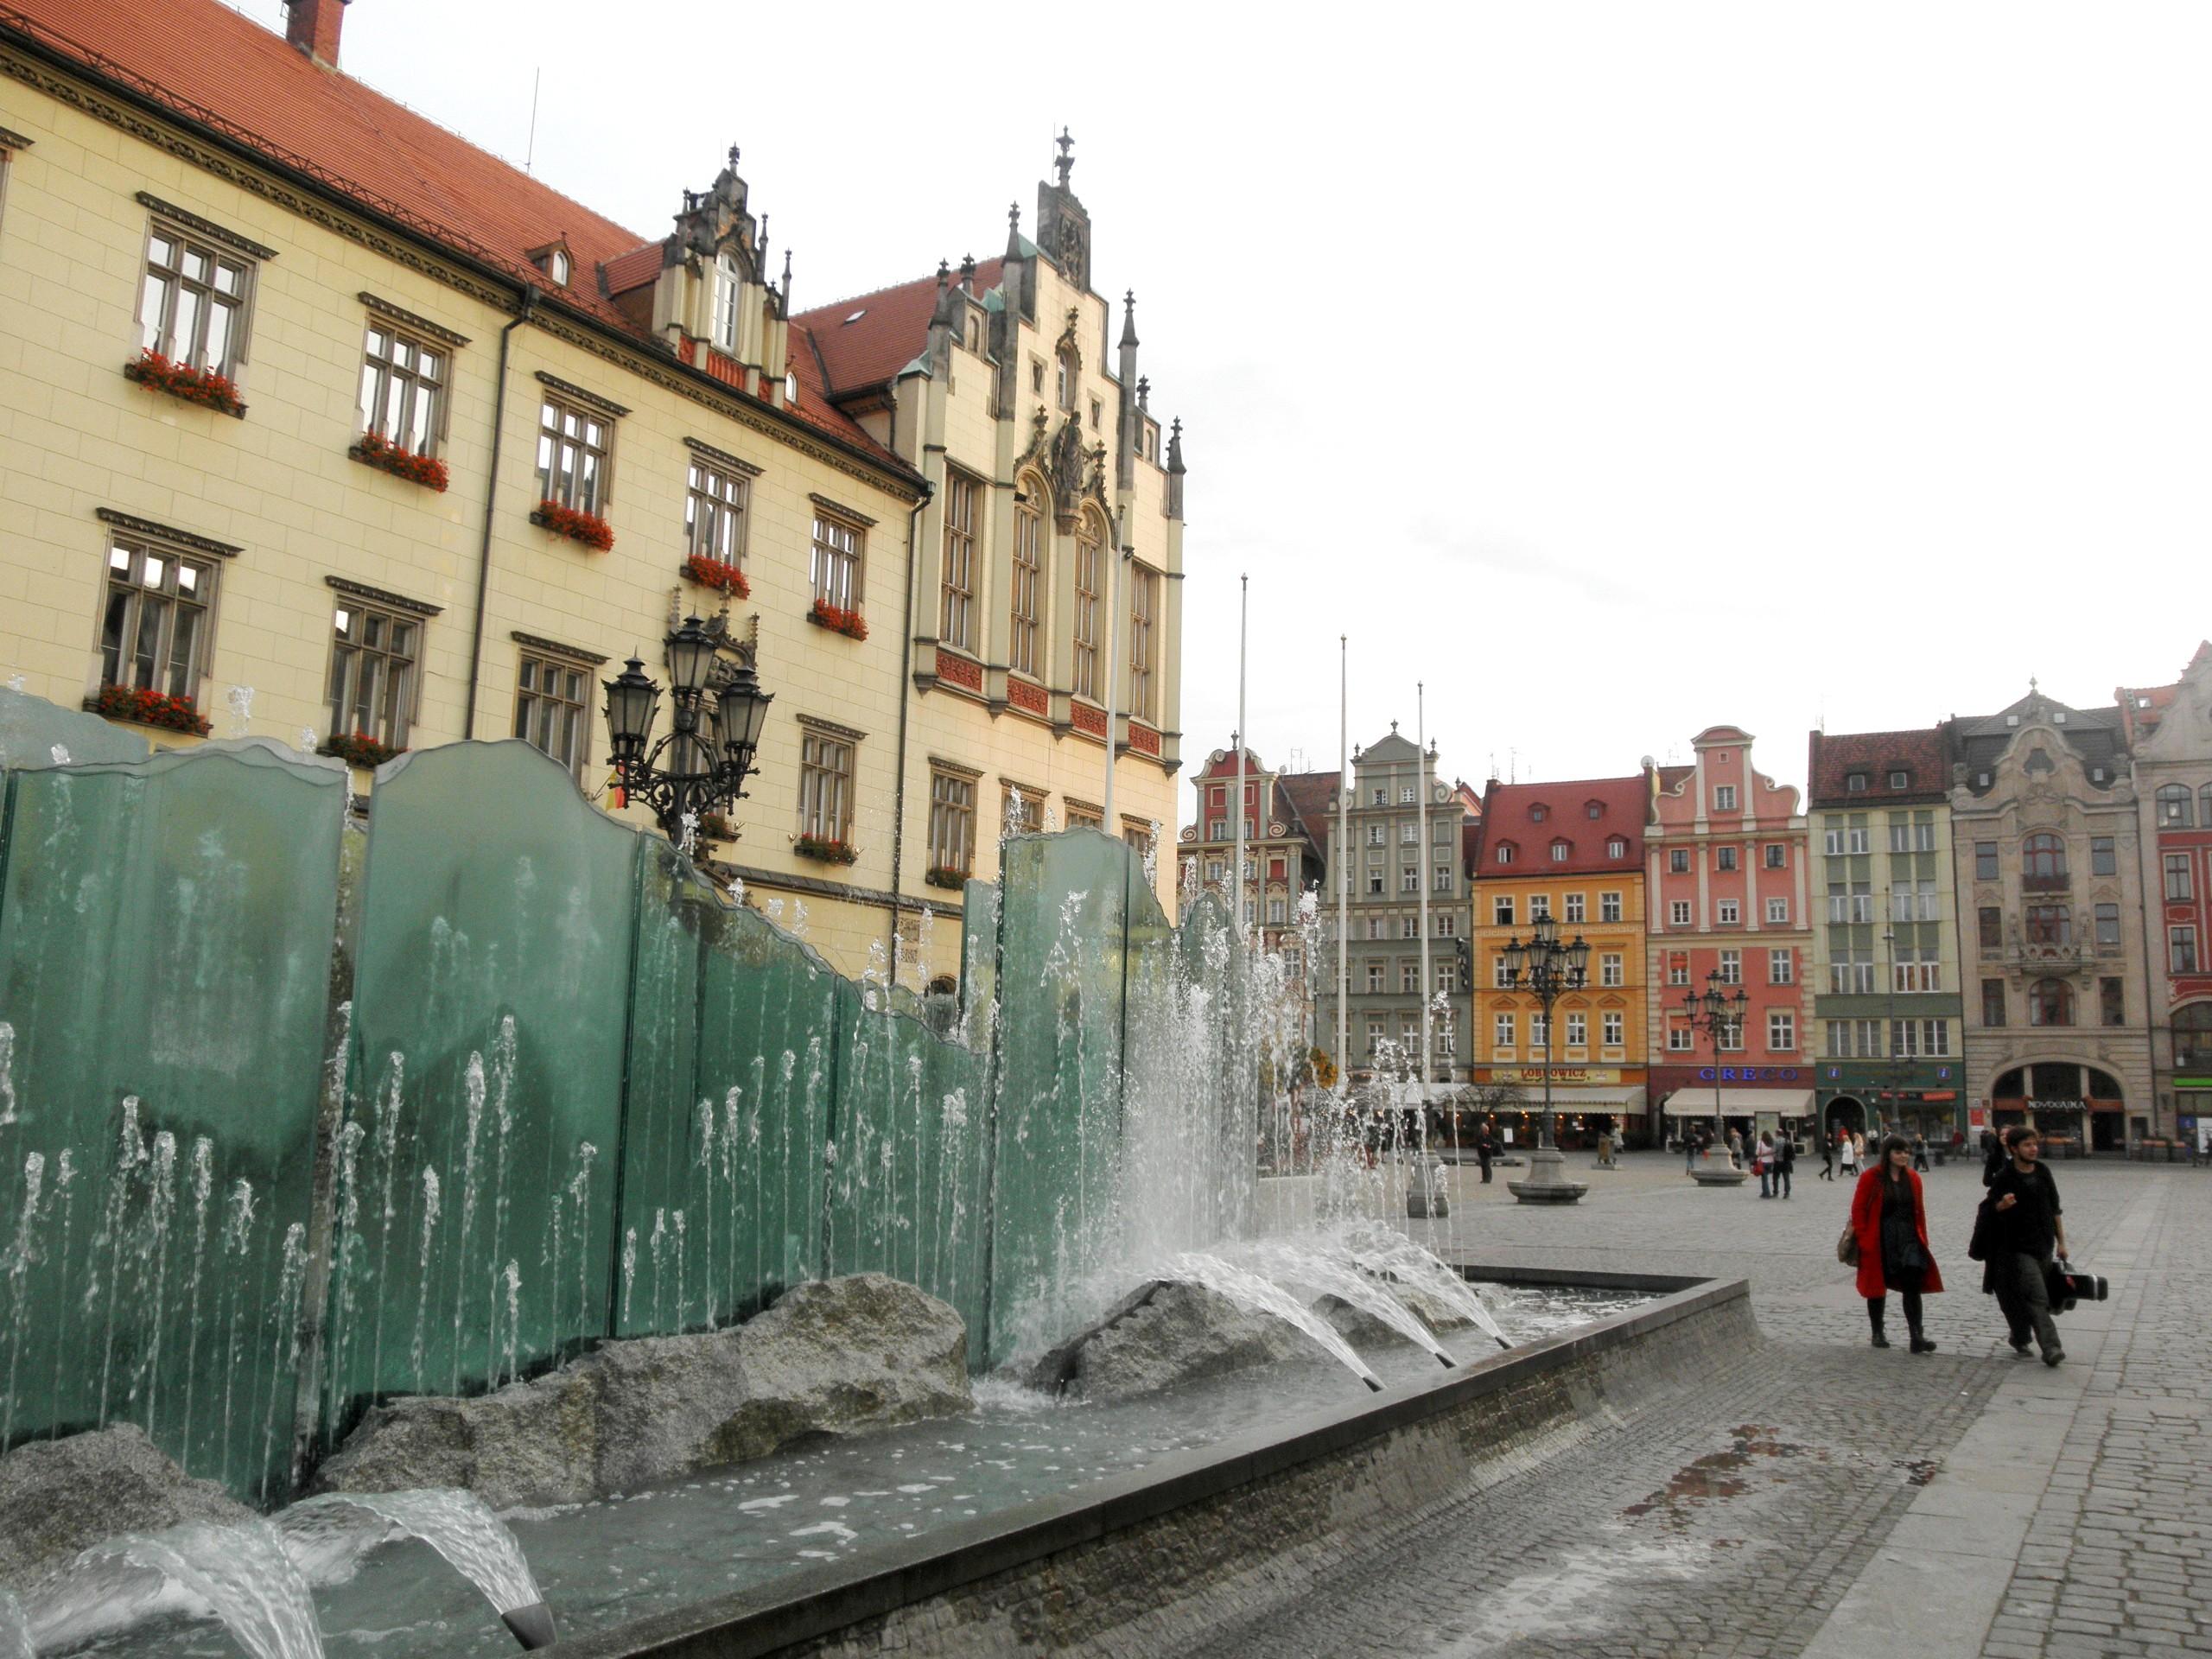 Polsko - Vratislav (Wroclaw), Skleněná fontána neoficiálně nazývaná Pisoár